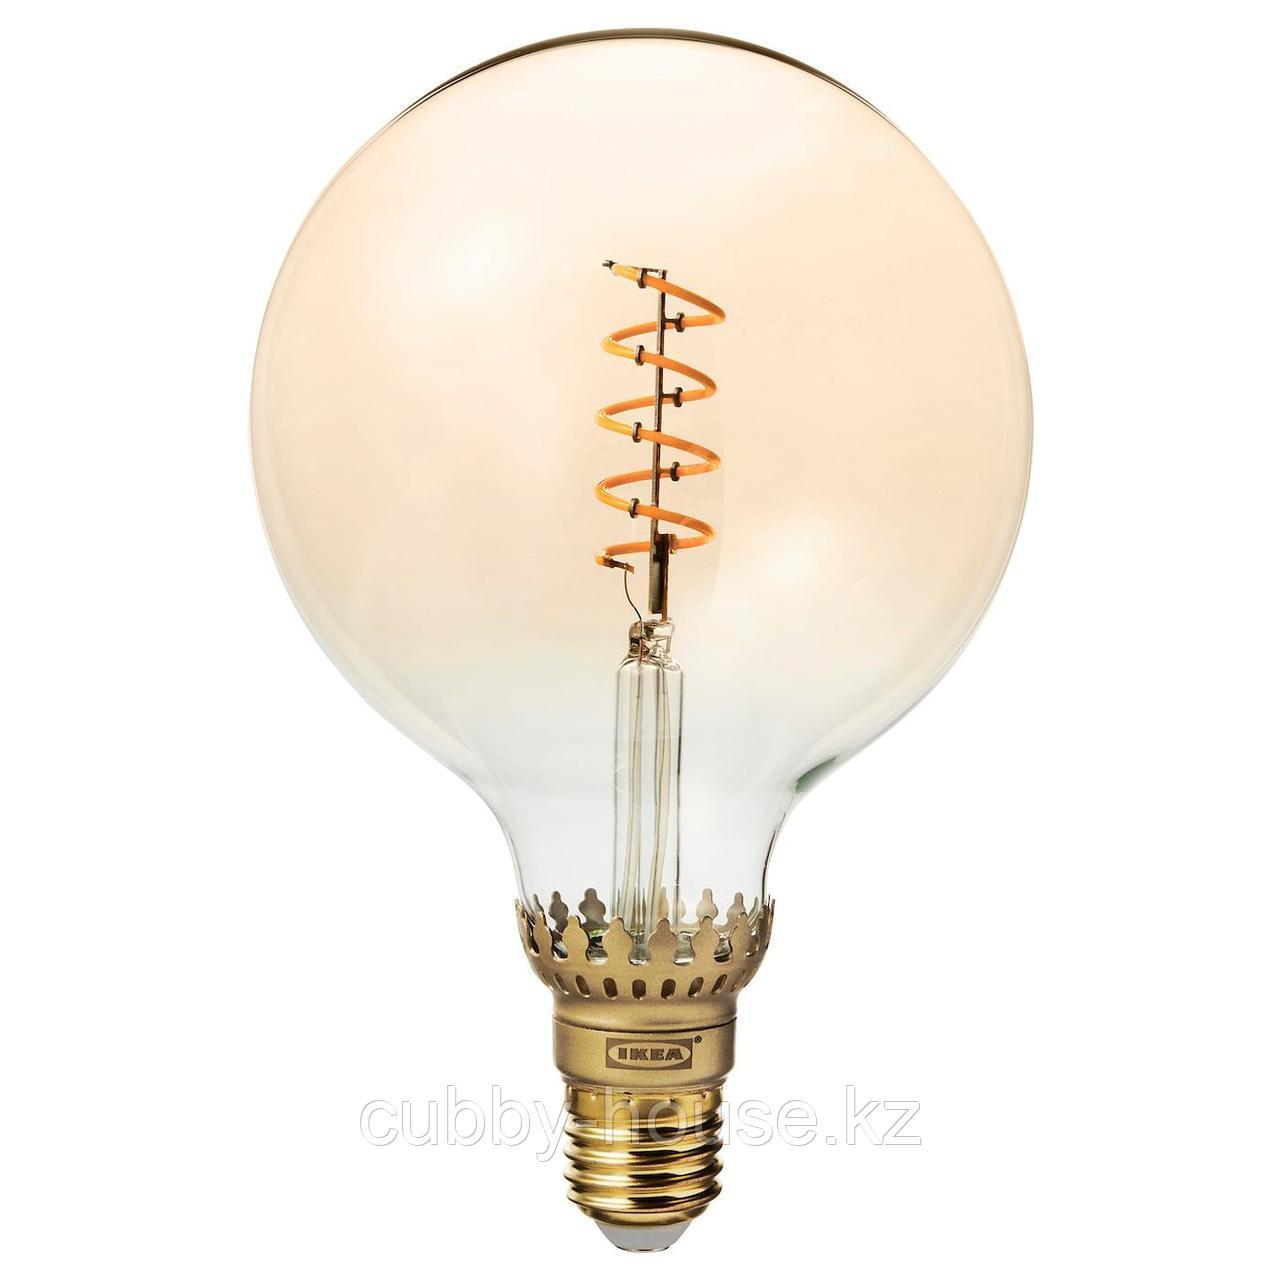 РОЛЛЬСБУ Светодиод E27 140 лм, регулируемая яркость, шаровидный коричневый, прозрачное стекло, 125 мм